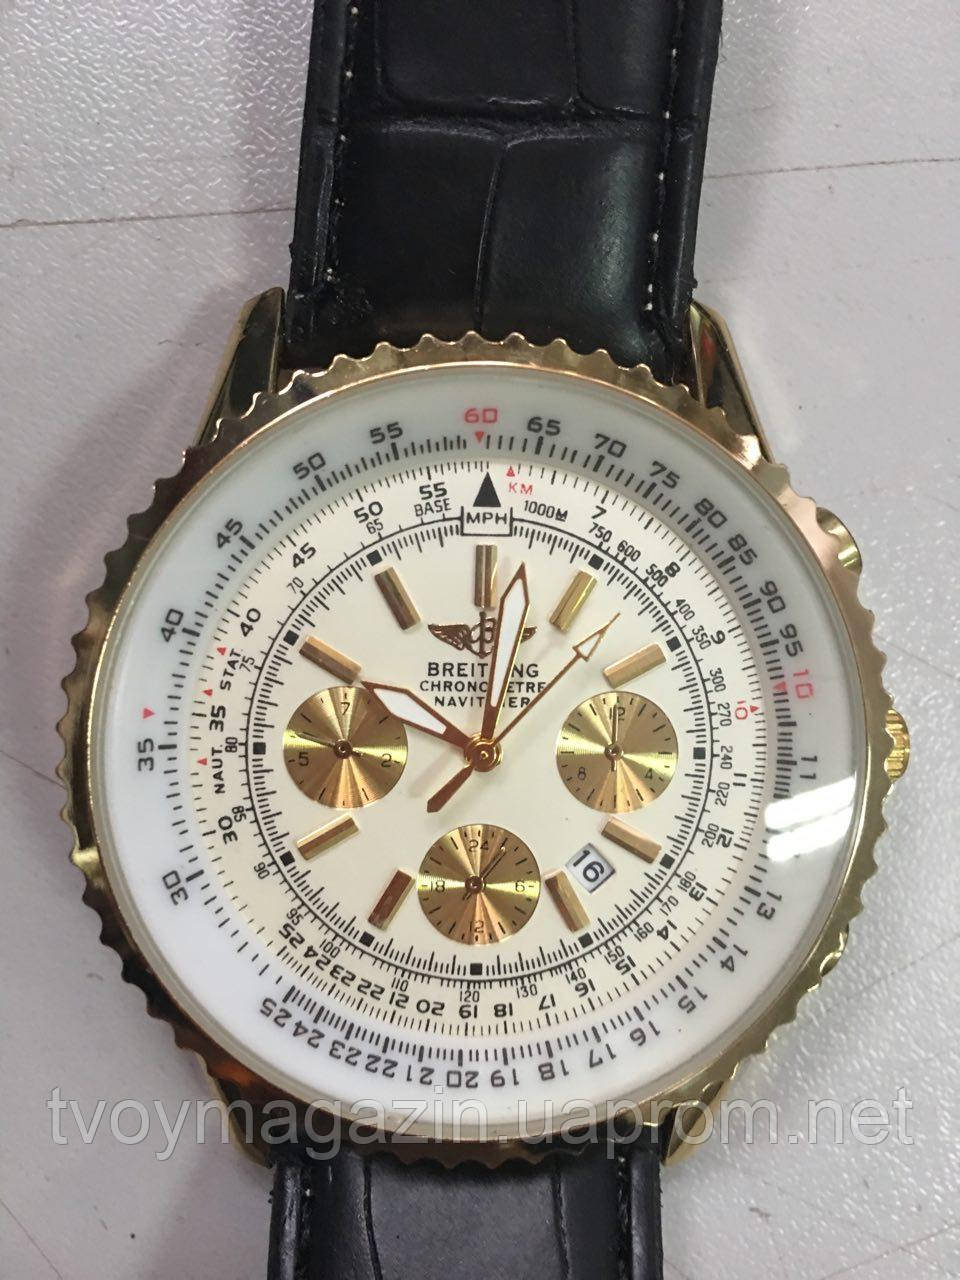 Наручные Часы Breitling (брайтлинг) Наручний годинник